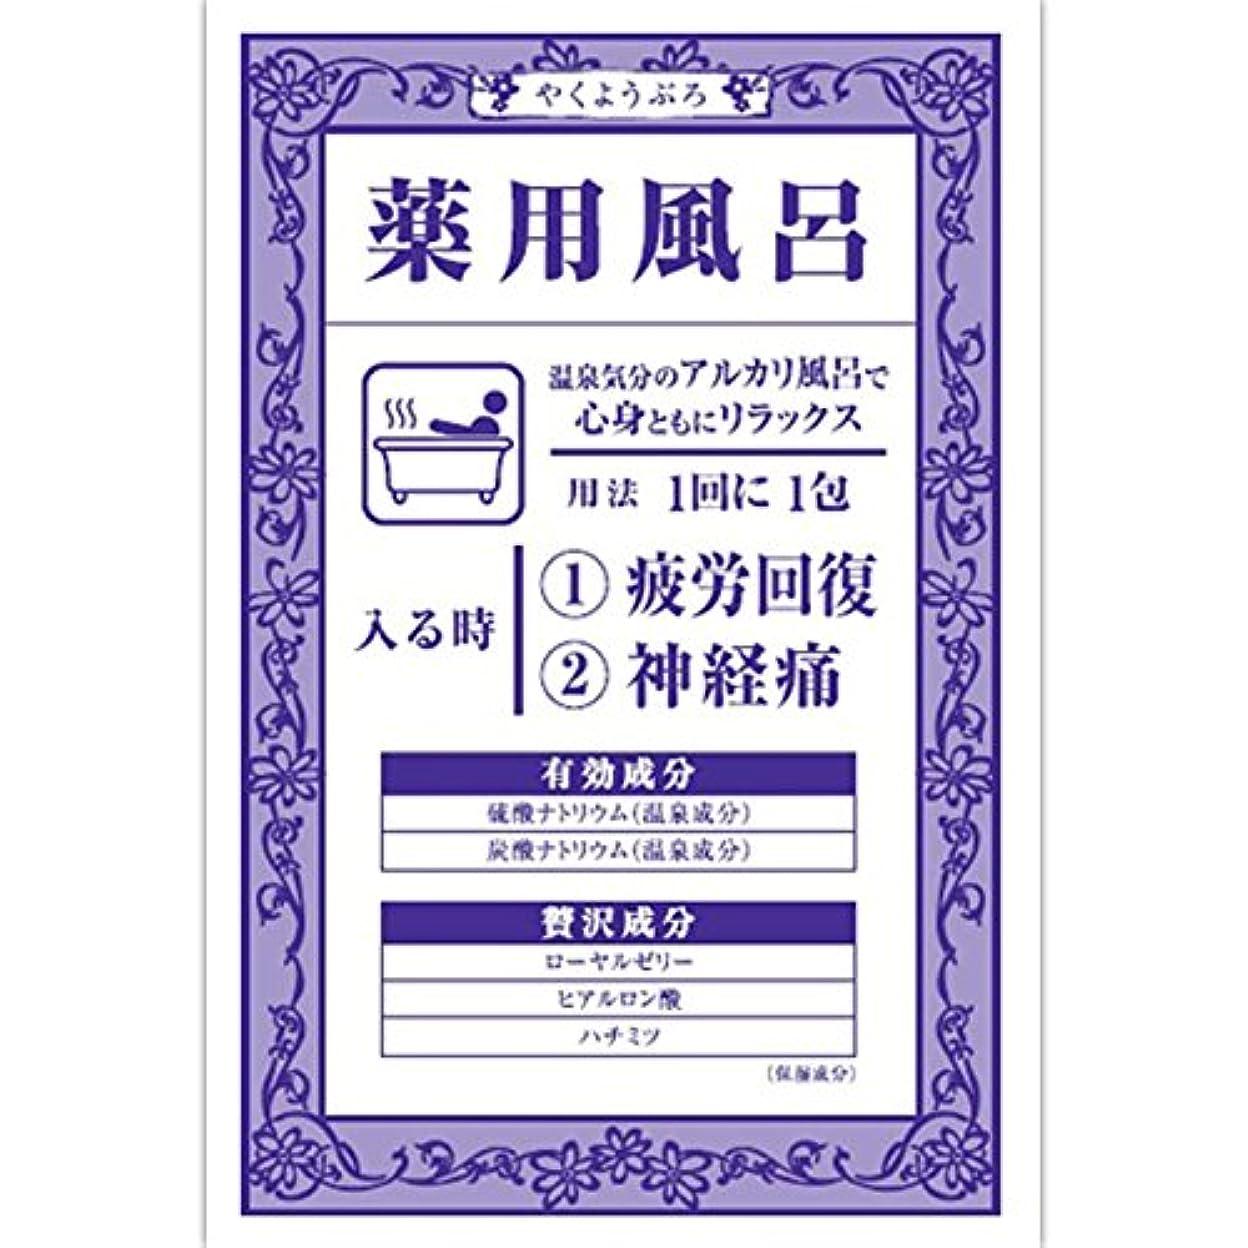 批判する交換手錠大山 薬用風呂KKd(疲労回復?神経痛) 40G(医薬部外品)